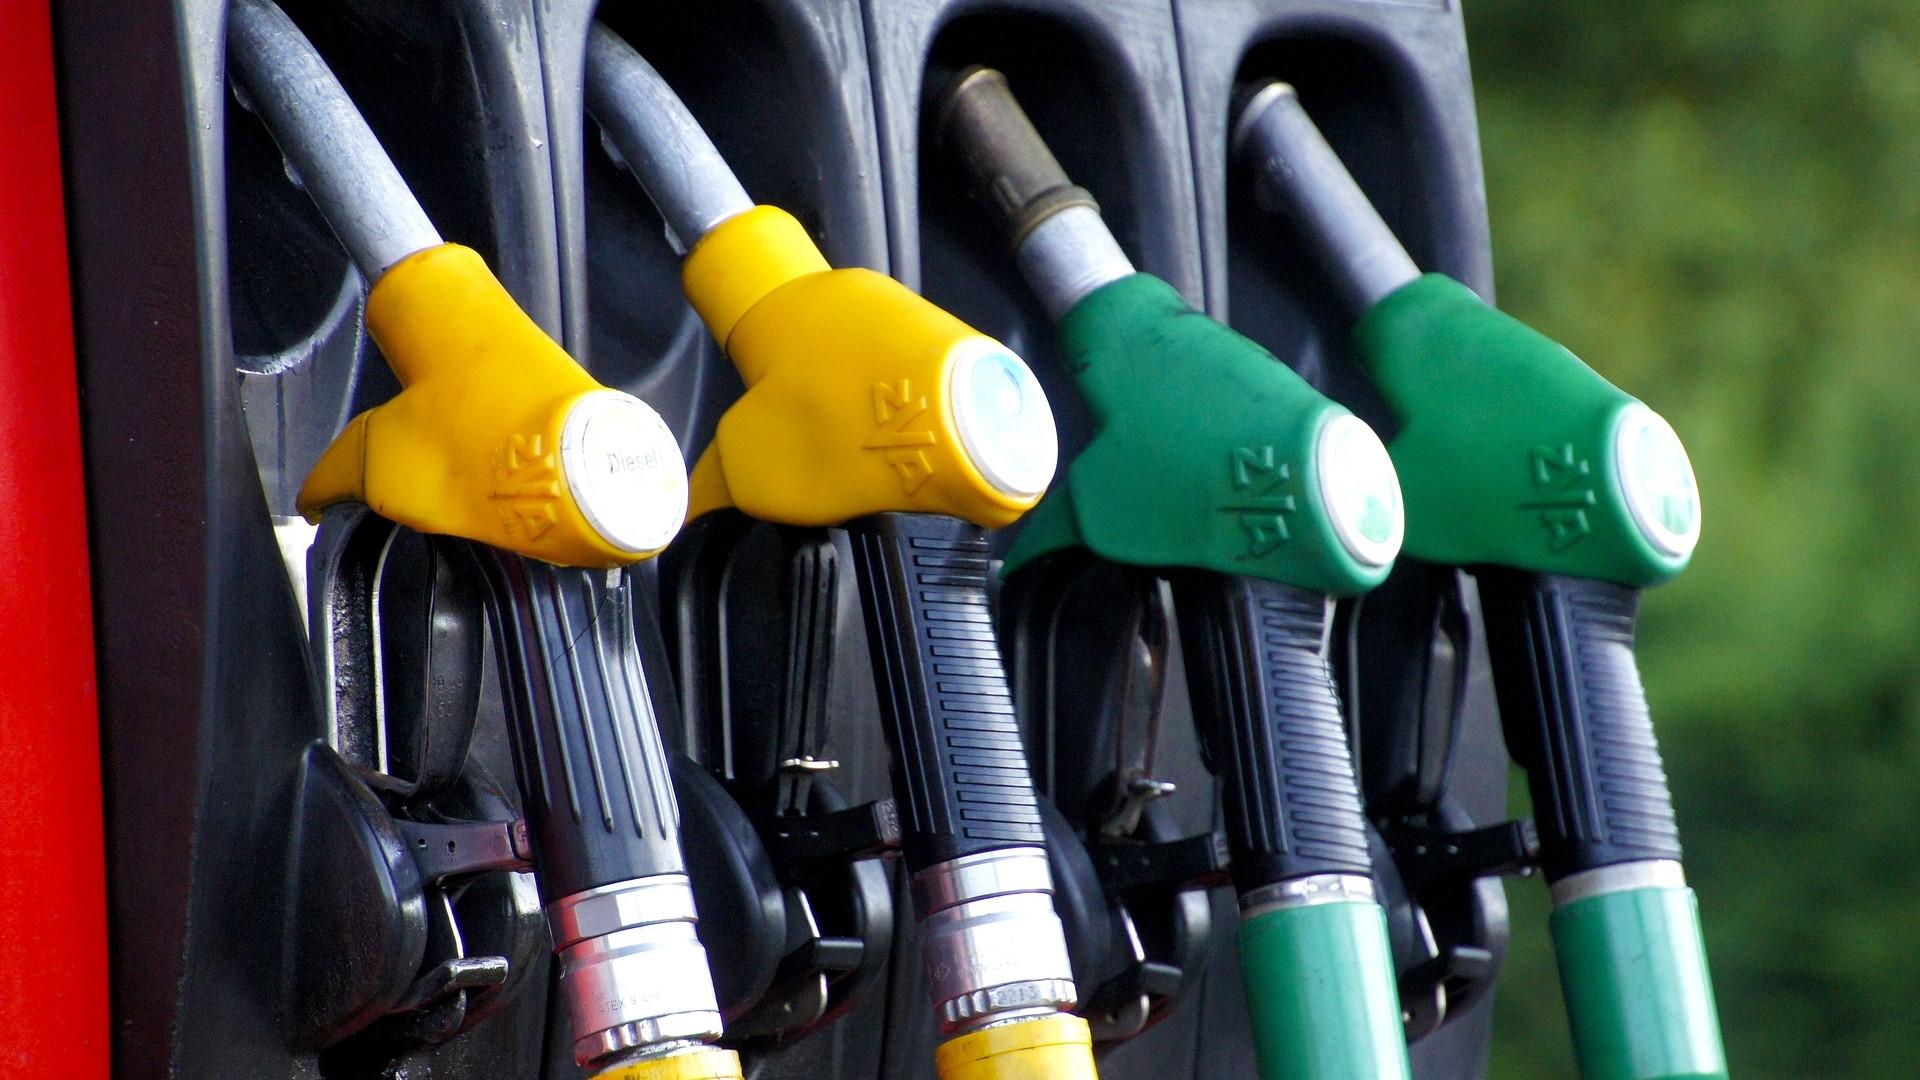 Хакери източиха 2200 литра гориво за 90 минути от бензиностанция в САЩ